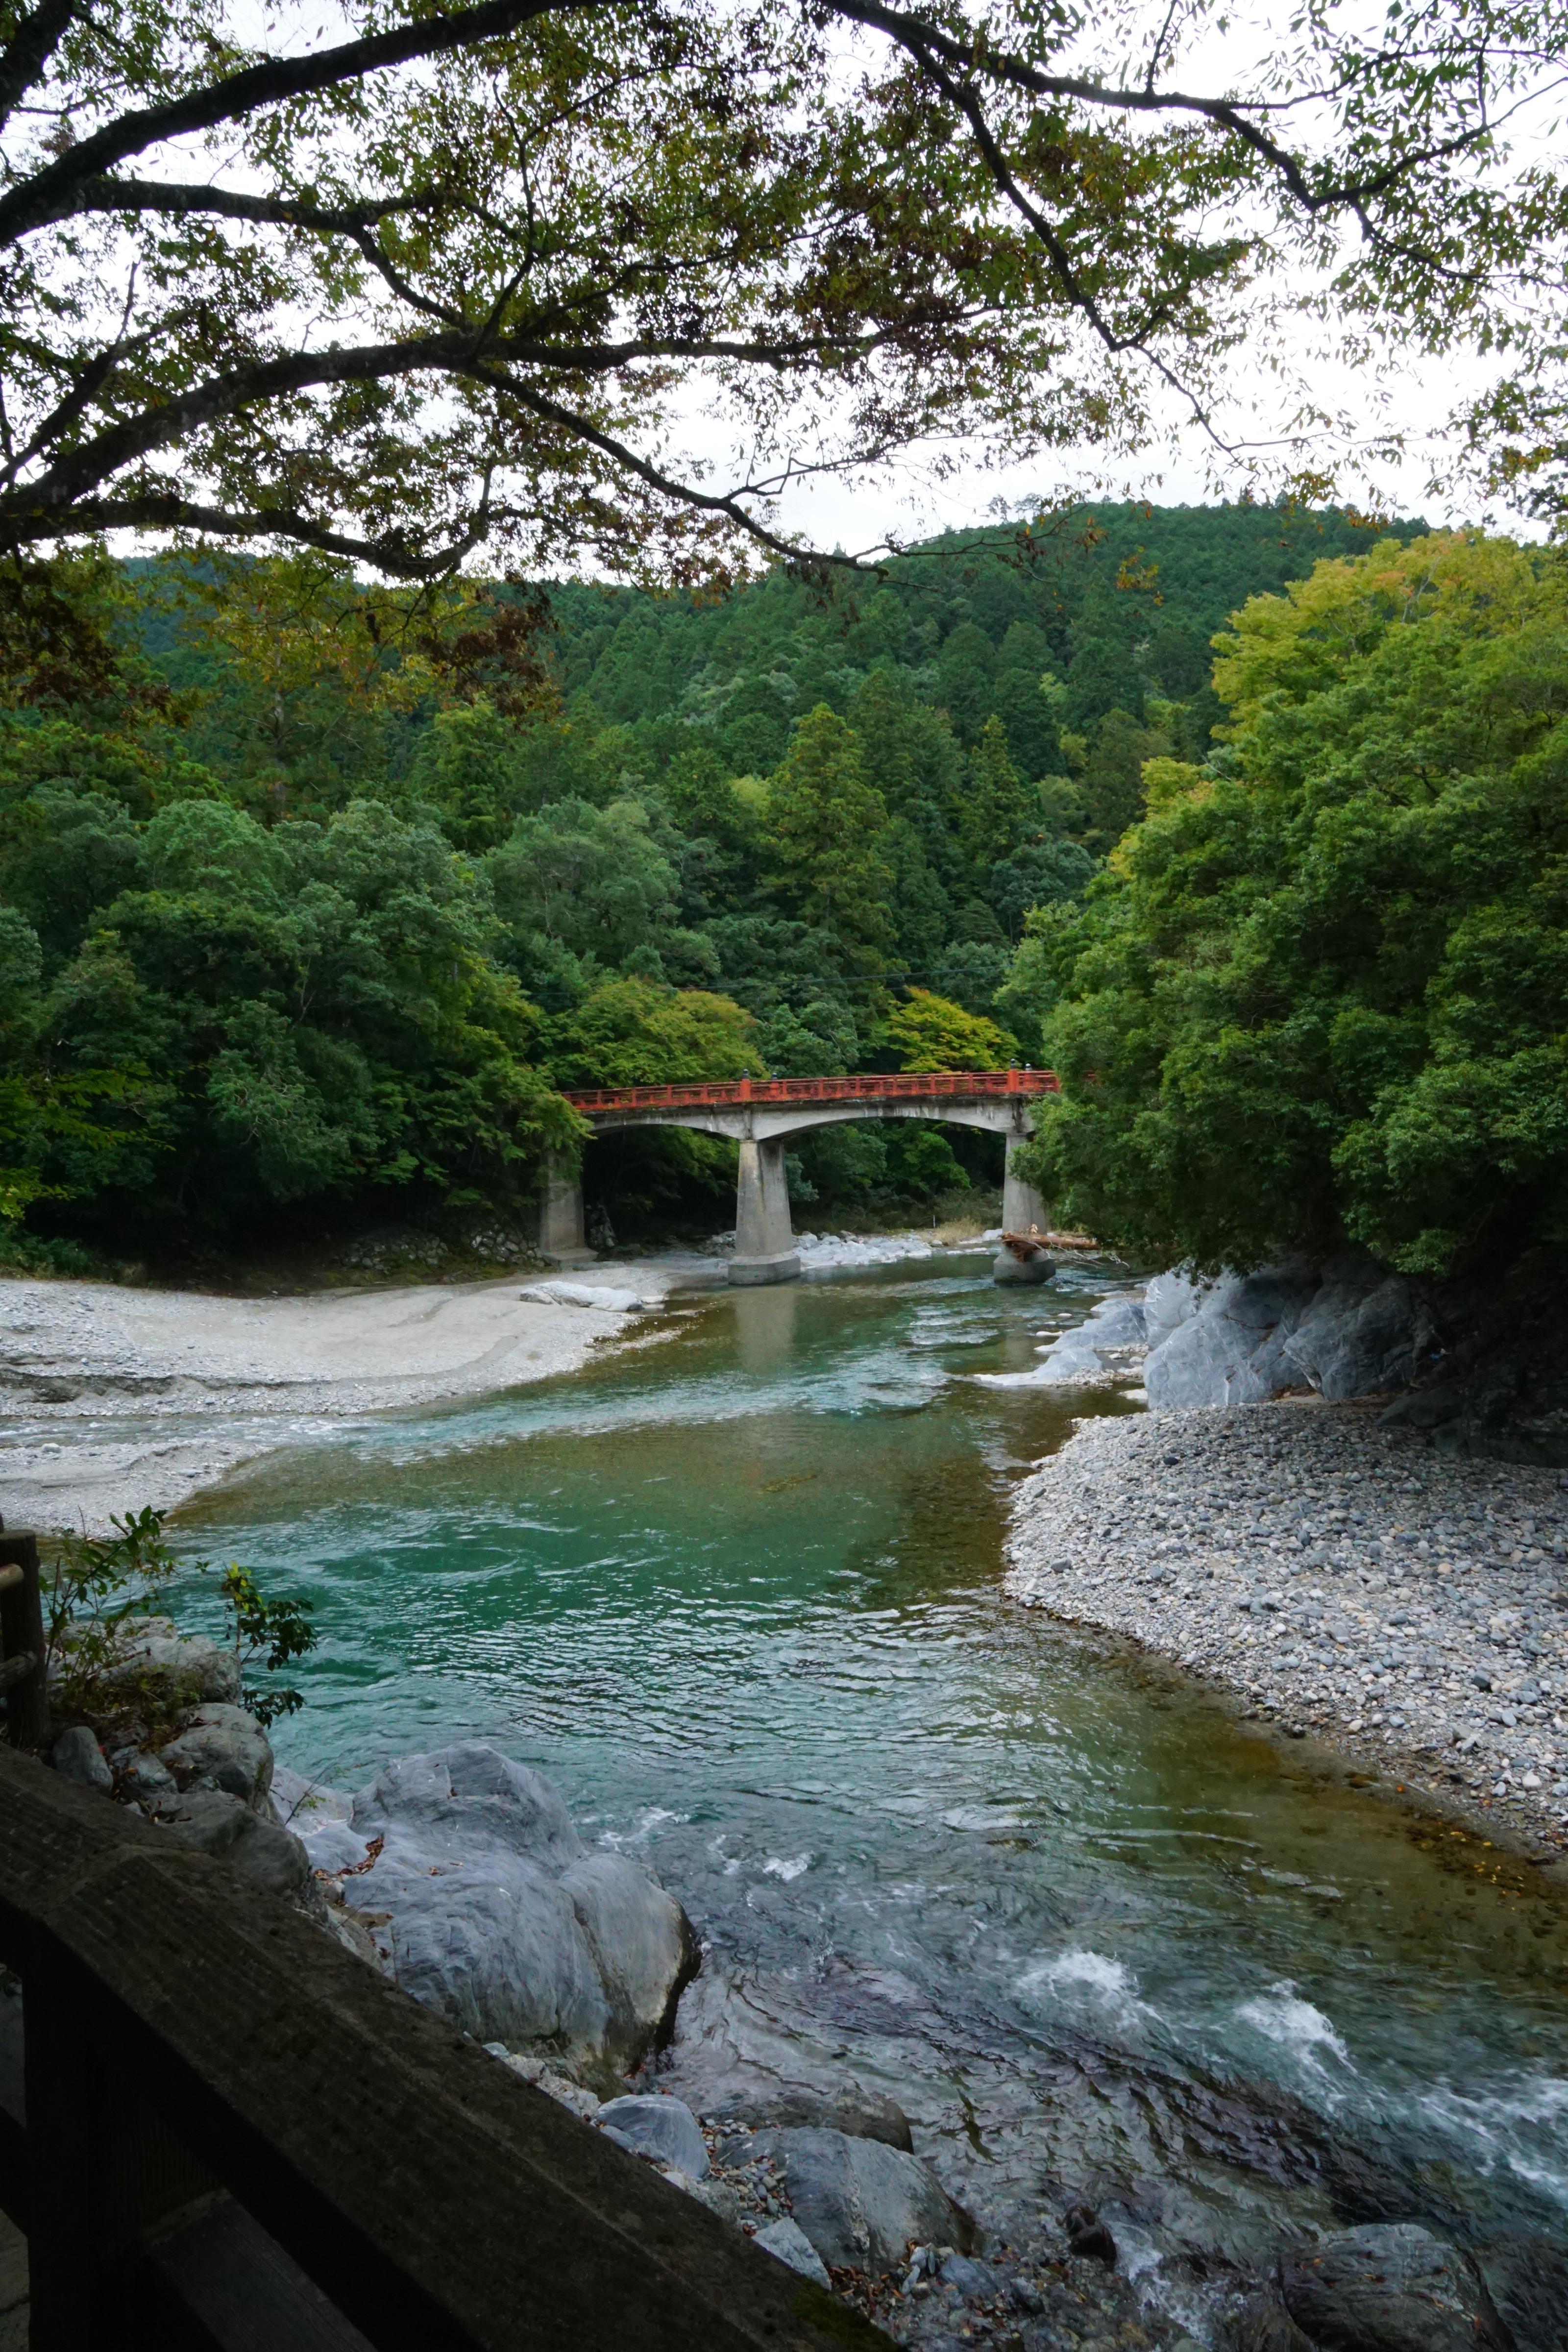 丹生川上神社へ。前に川が流れ素晴らしい景色でした。